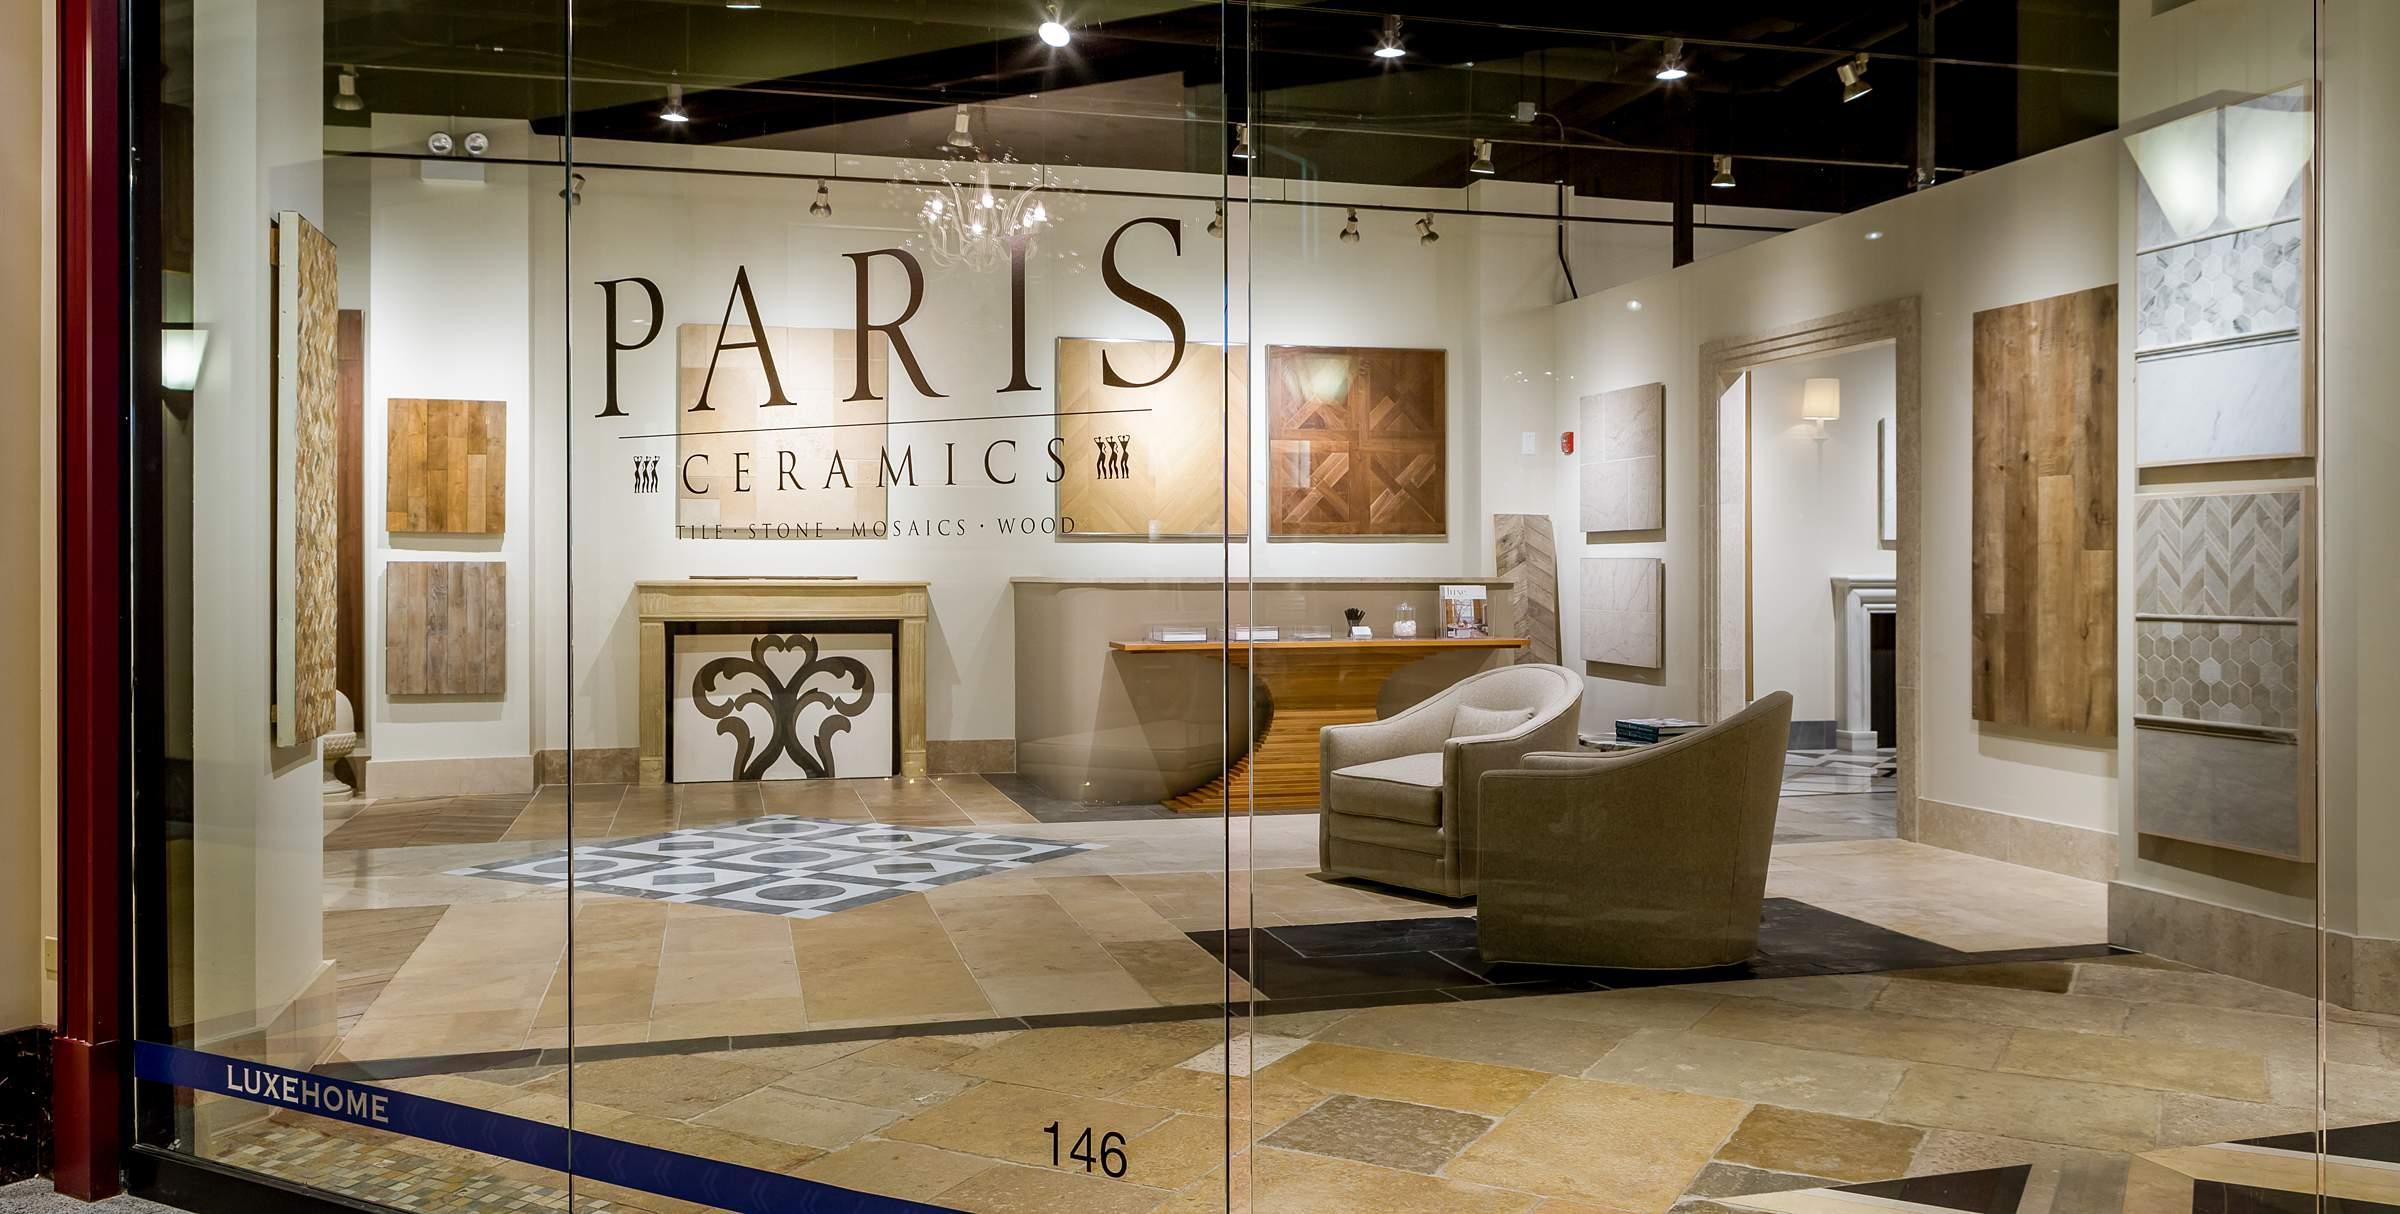 Paris ceramics showroom merchandise mart chicago interior - Paris 2000 hair salon ...